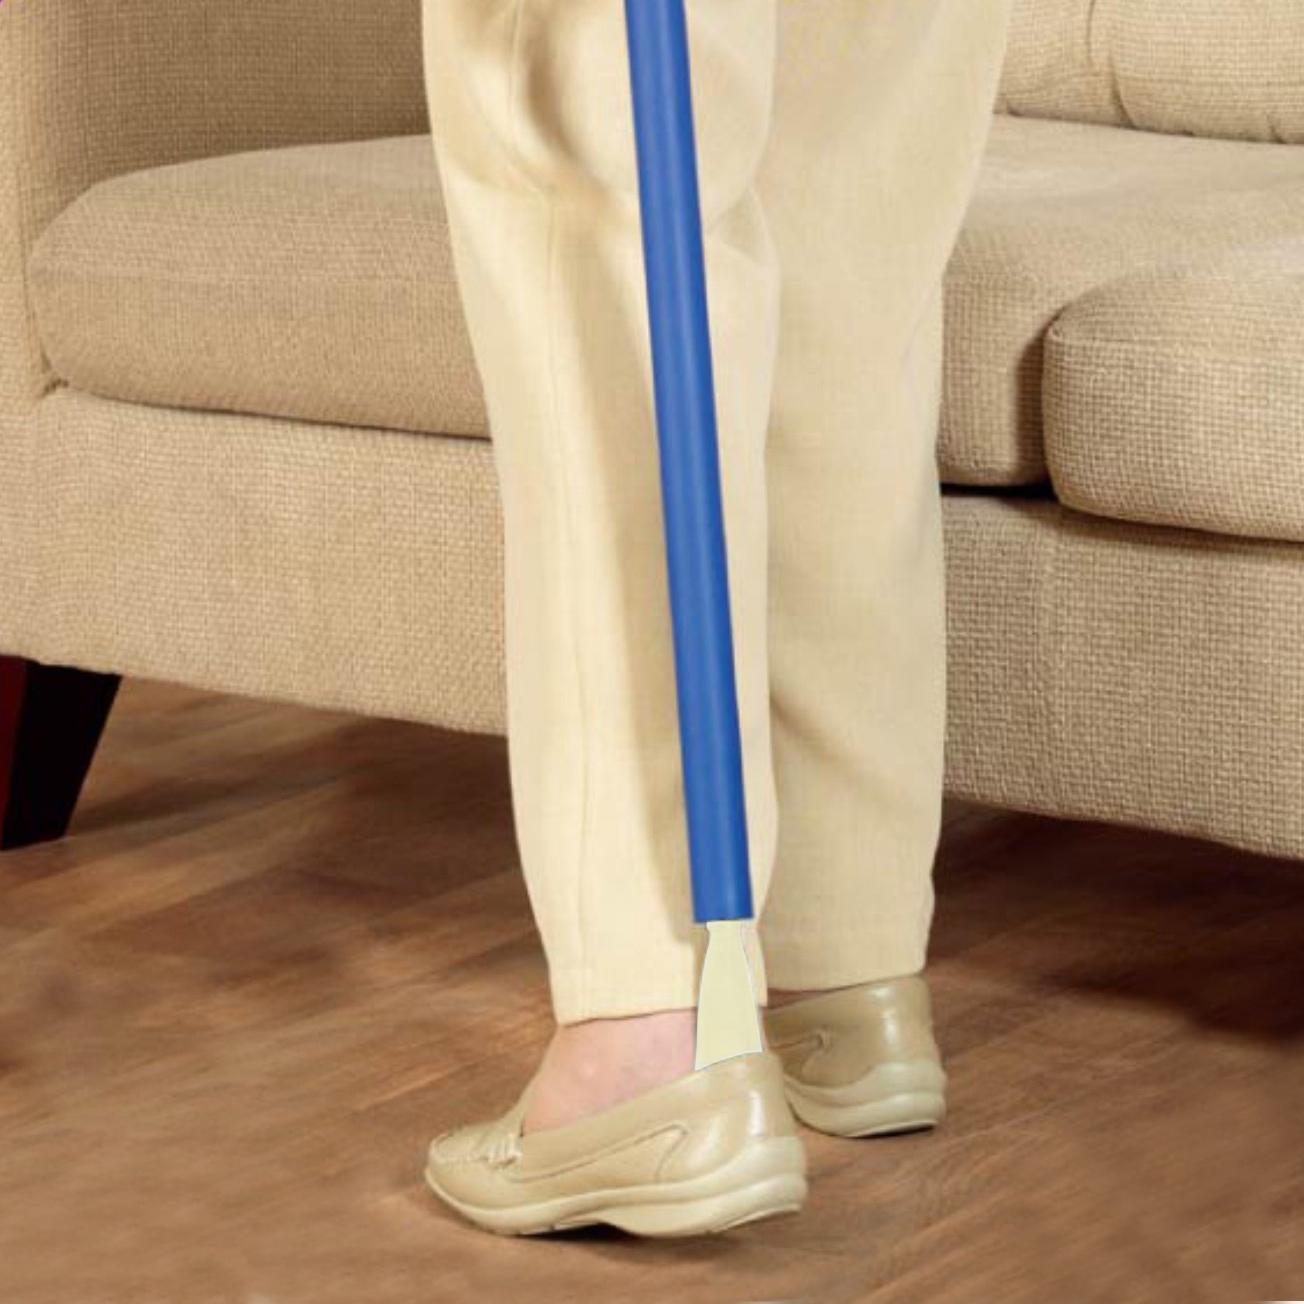 Long chausse pied avec crochet pour attraper vos vêtements